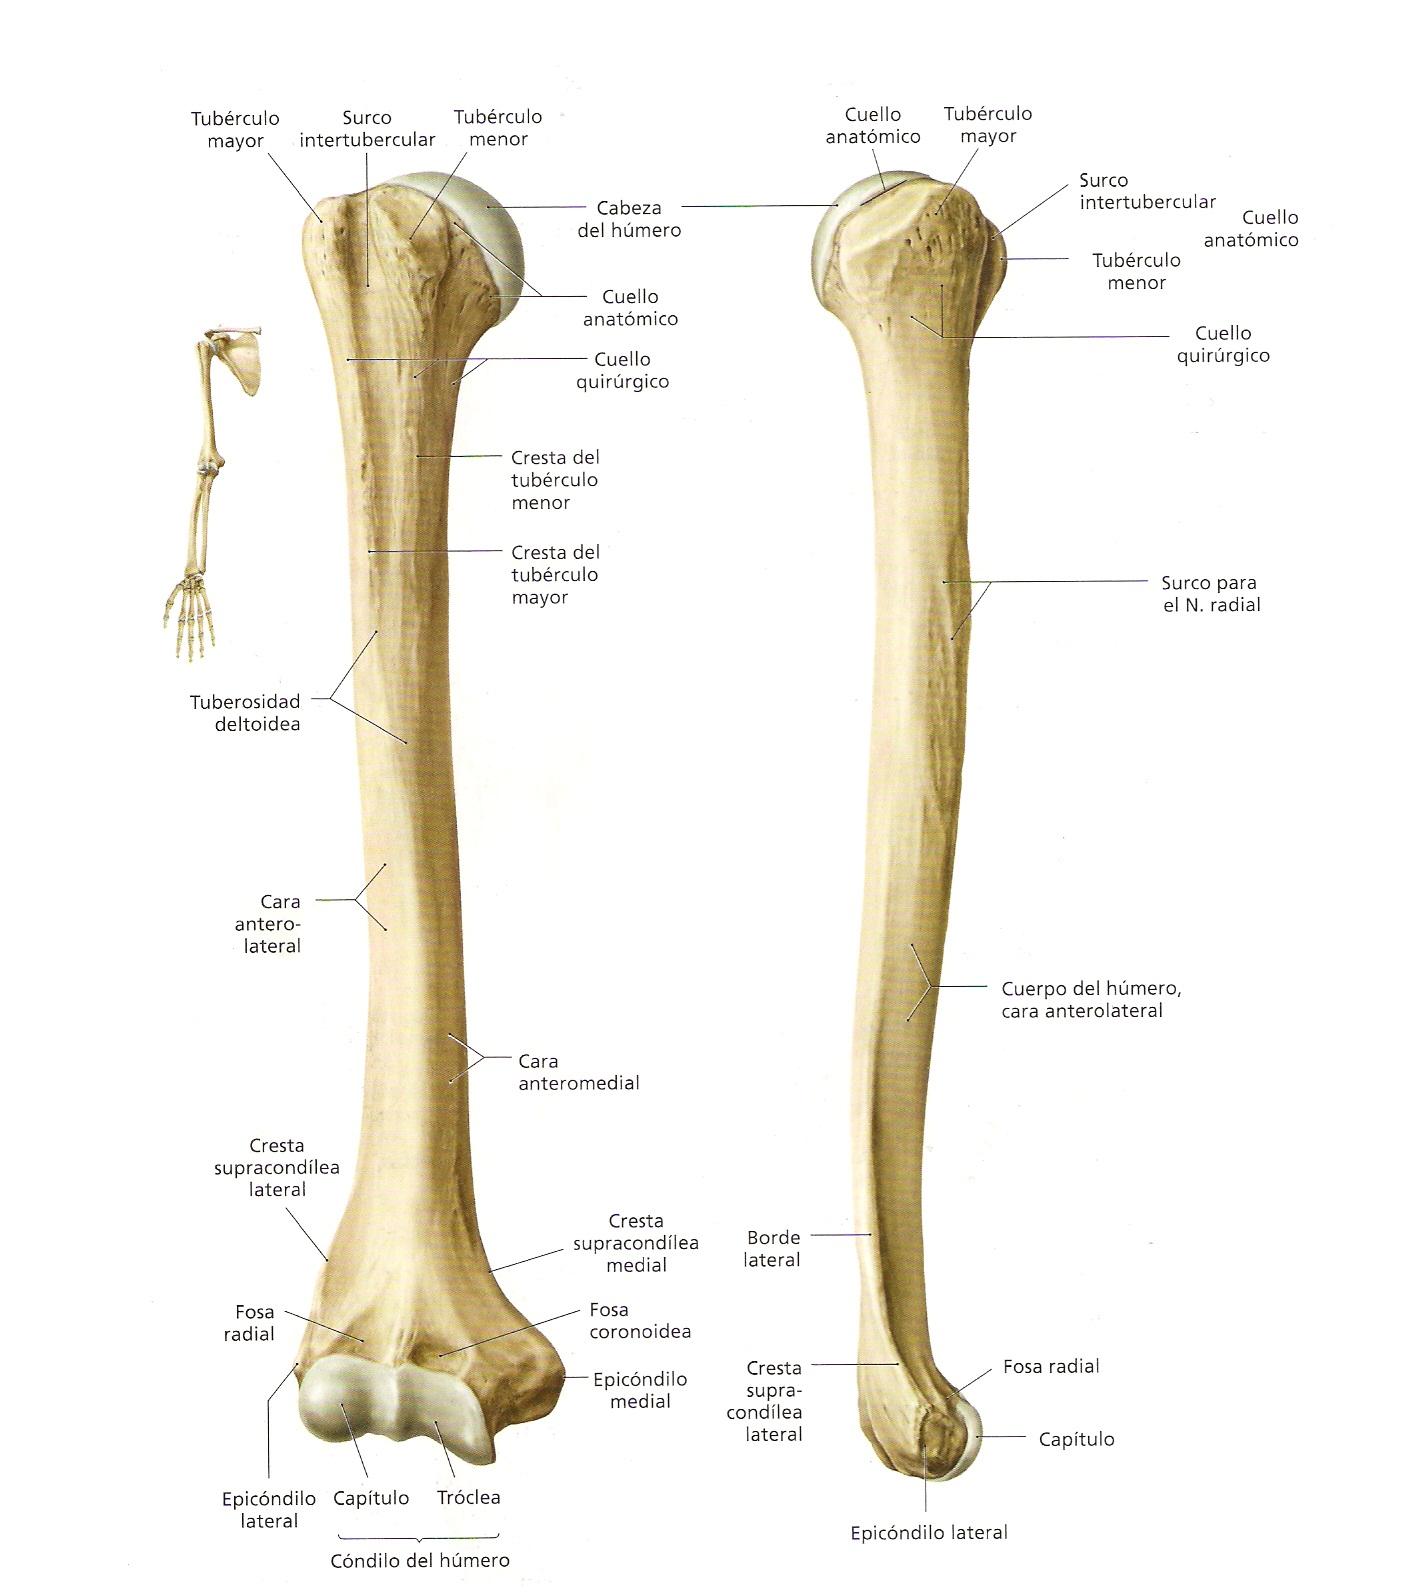 ... dar una serie de fracturas, entre ellas están las fracturas de